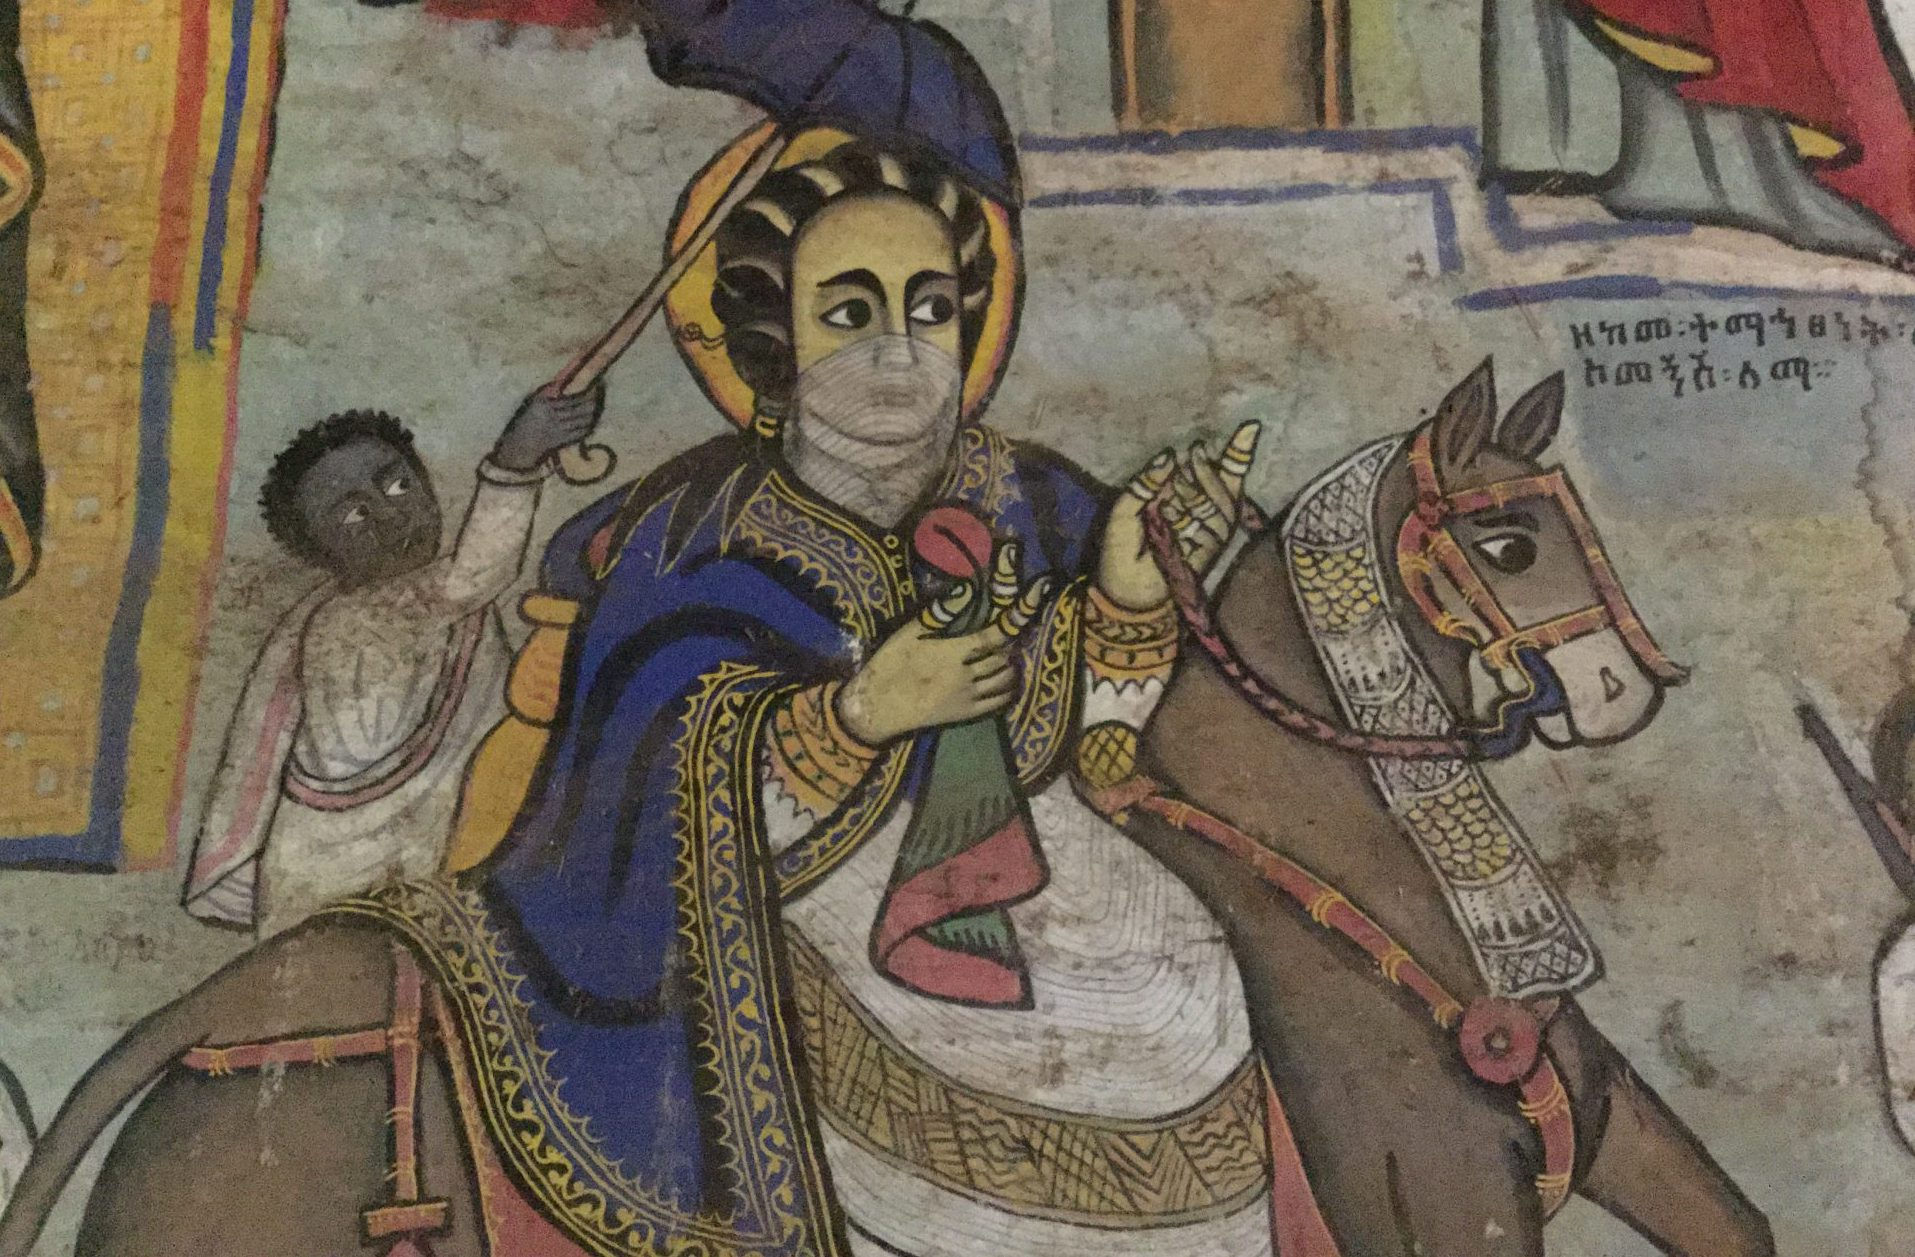 Dans la tradition éthiopienne, la reine de Saba se convertit au Dieu d'Israël et eut de Salomon un fils, Ménélik Ier, fondateur de la dynastie des Négus.